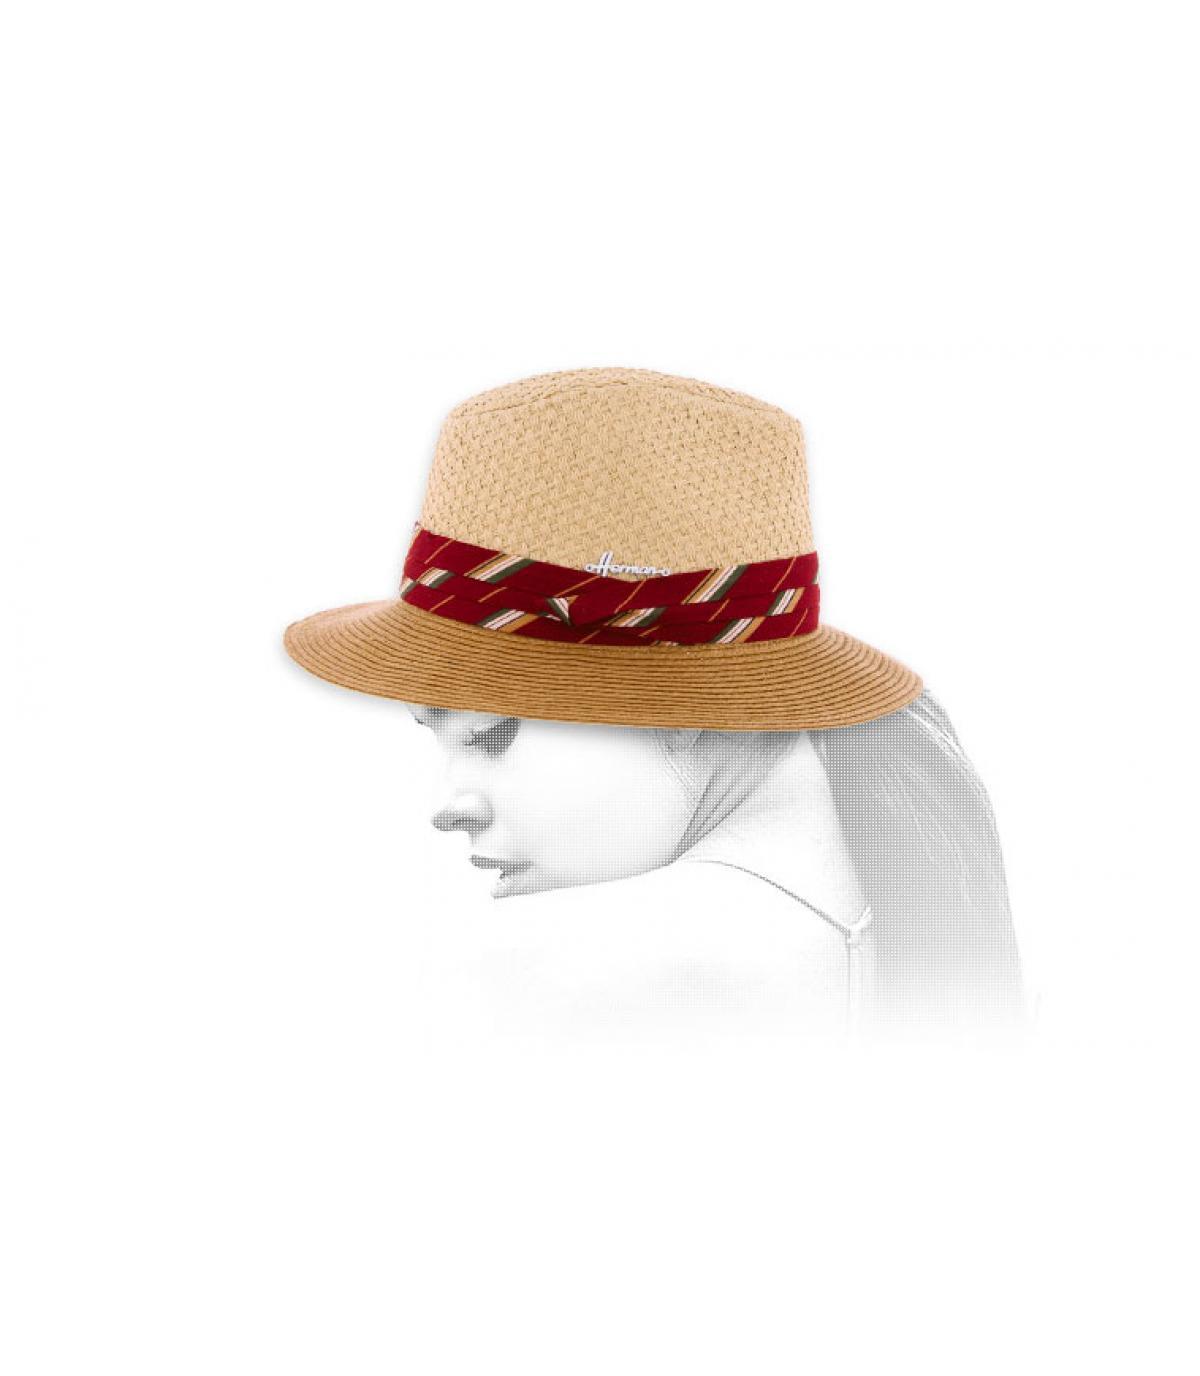 tweekleurige hoed met rode vlecht